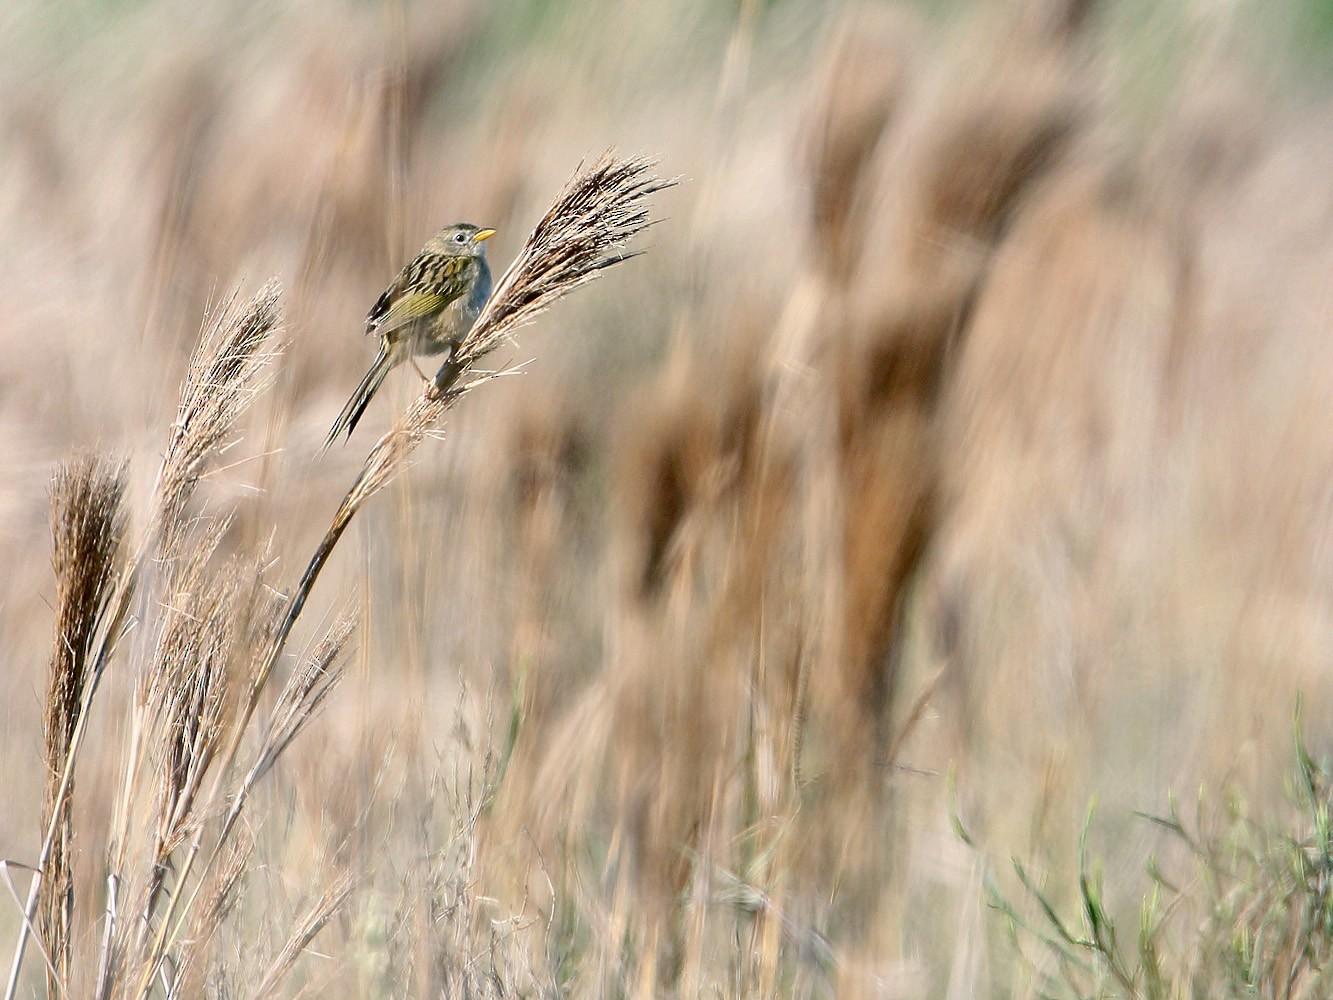 Lesser Grass-Finch - Martjan Lammertink